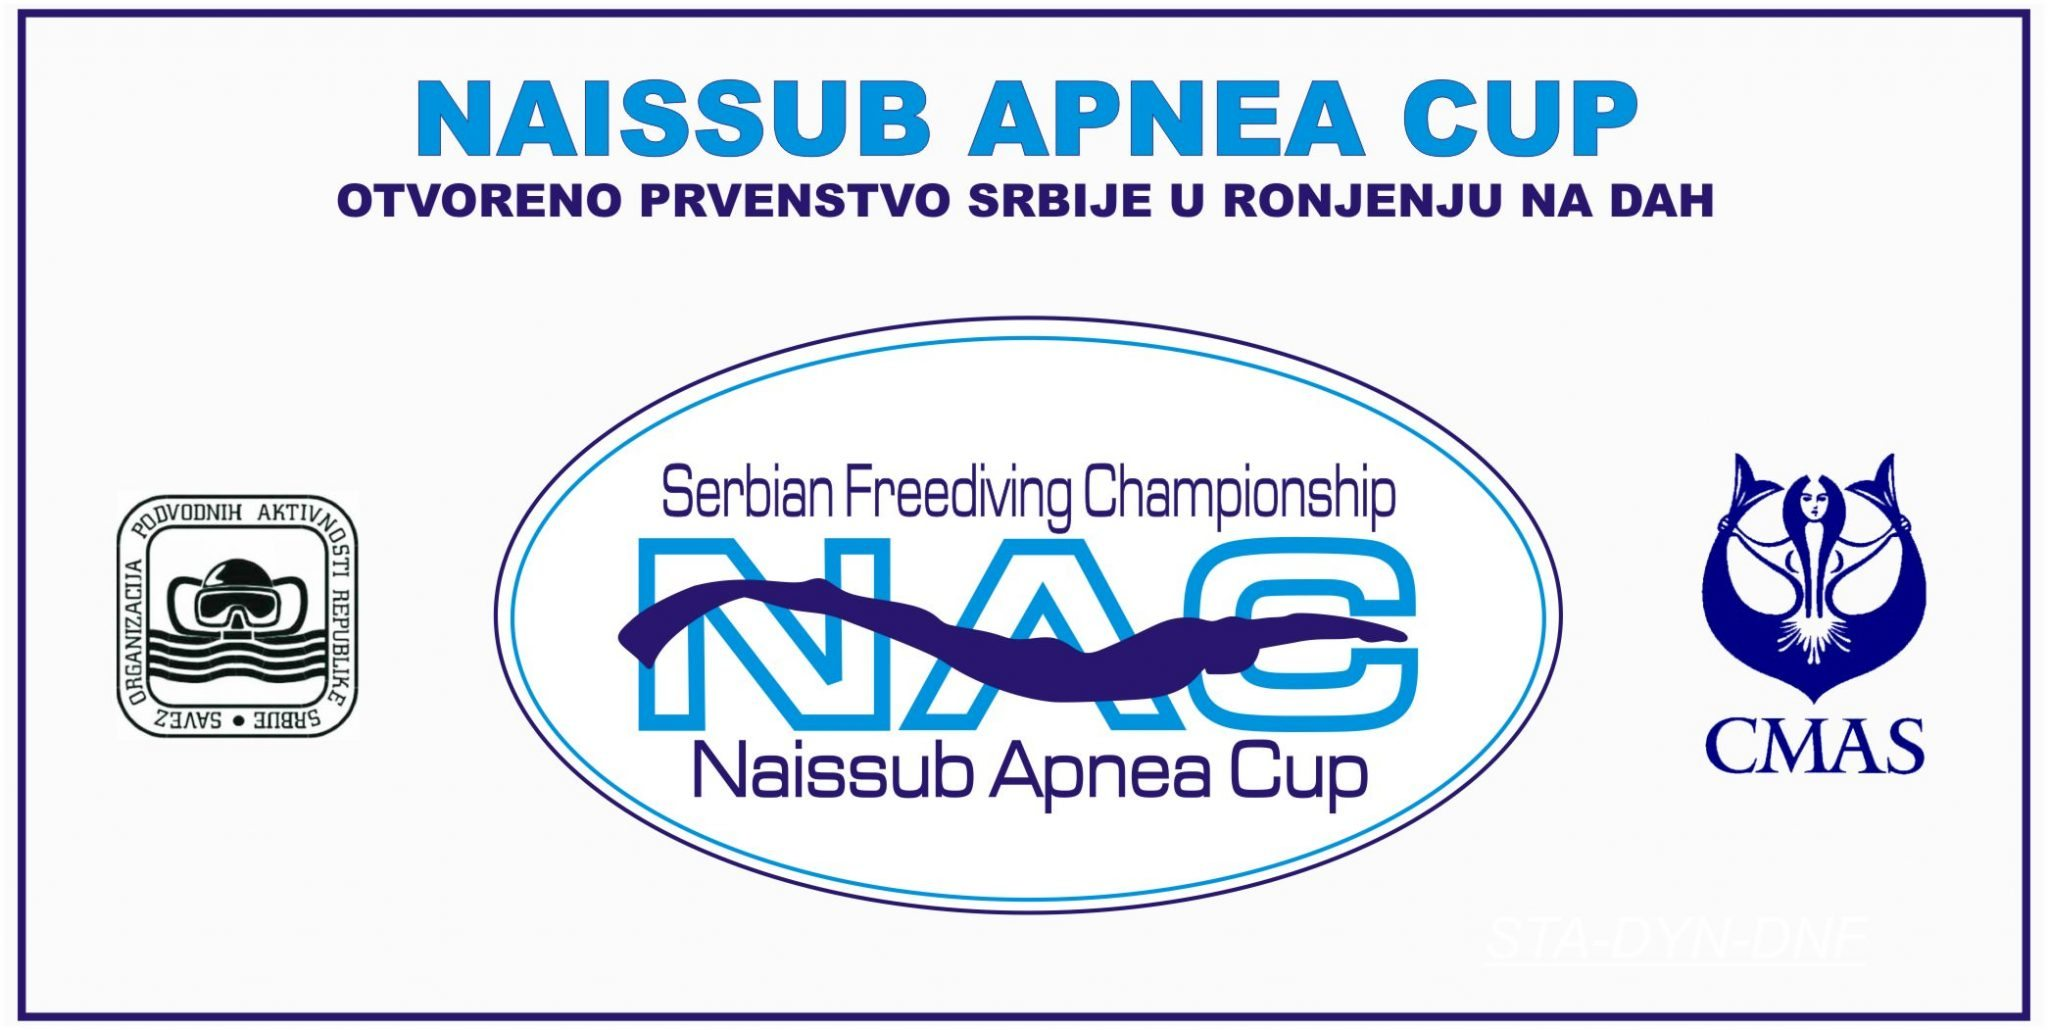 Naissub Apnea Cup